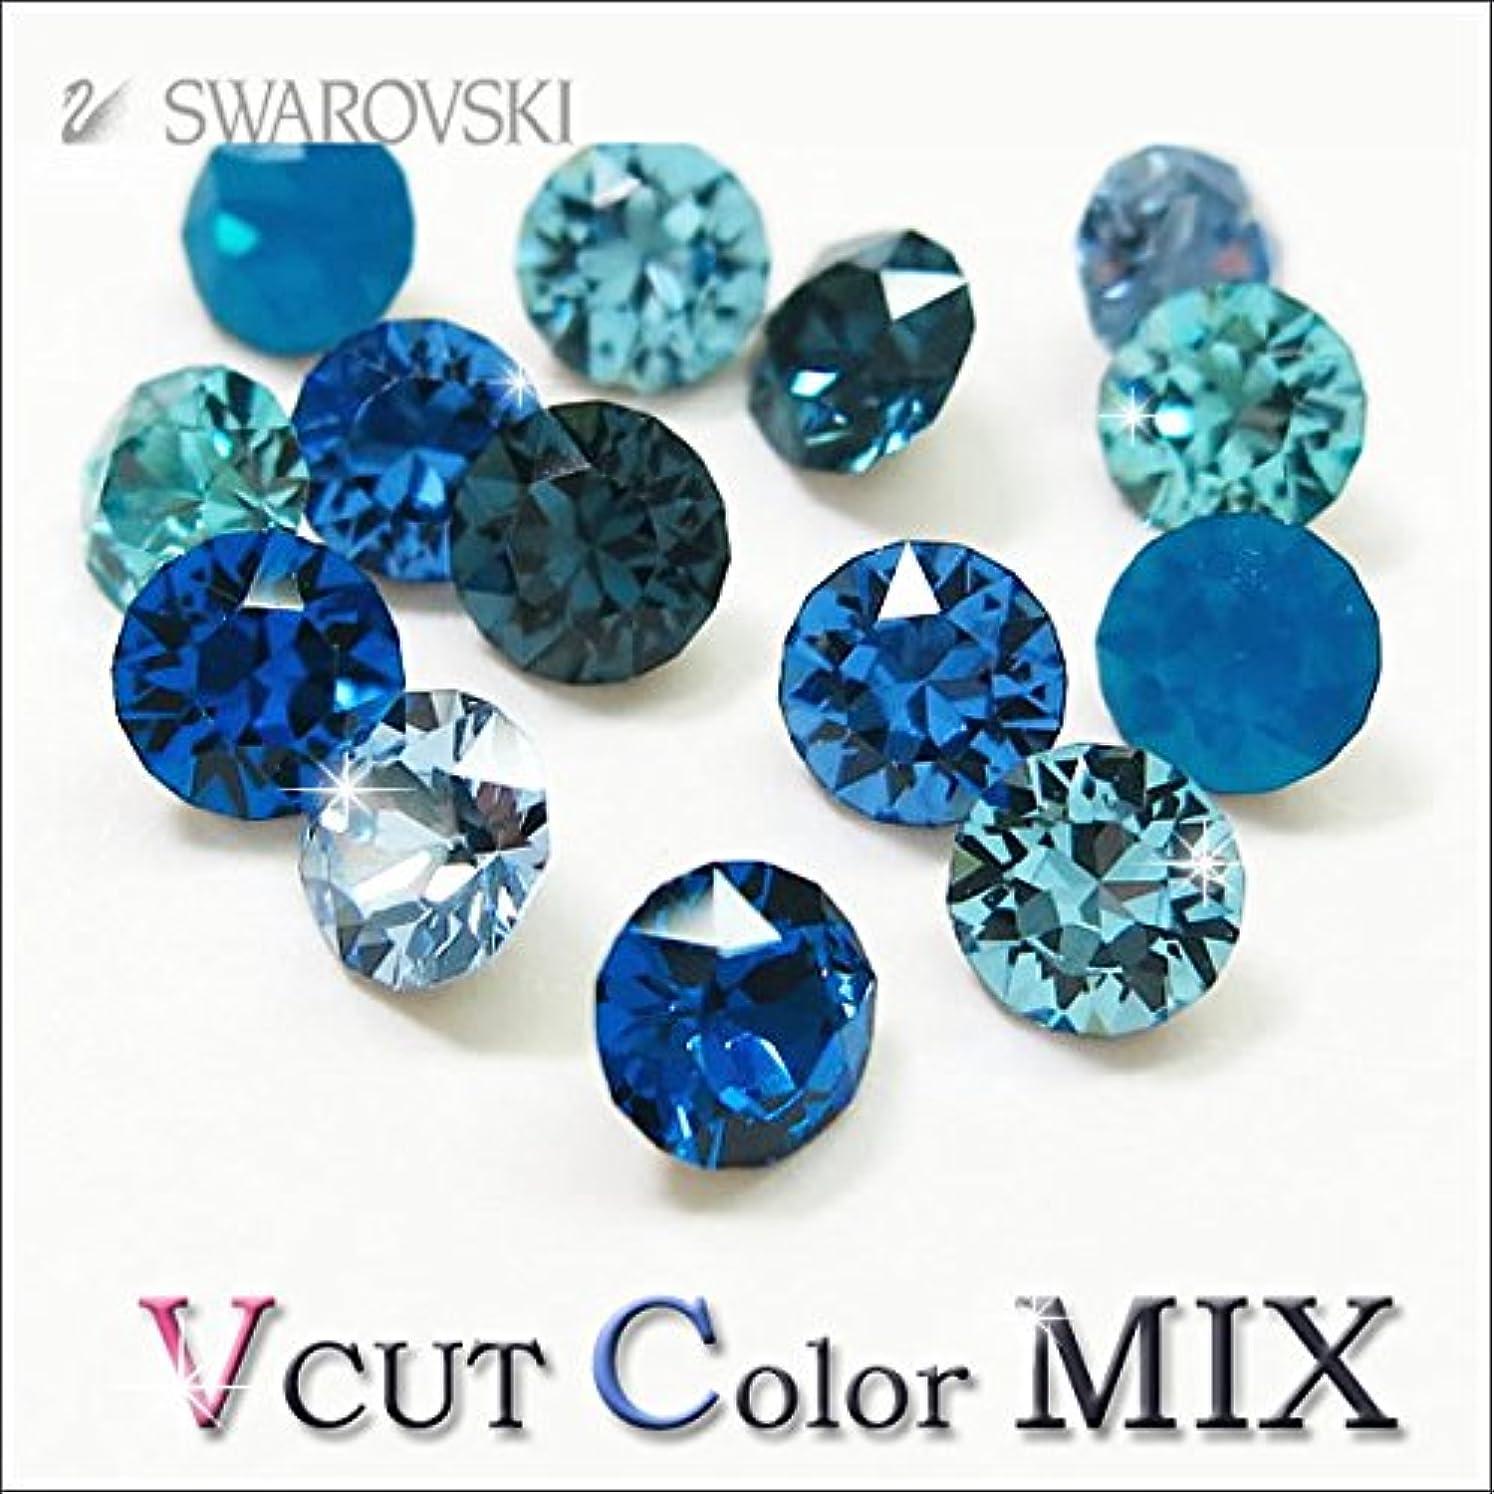 スワロフスキー Vカット 埋込型 #1028/#1088 【サイズ別カラーMIX】 pp21(約2.7mm) 30粒入 ブルー系